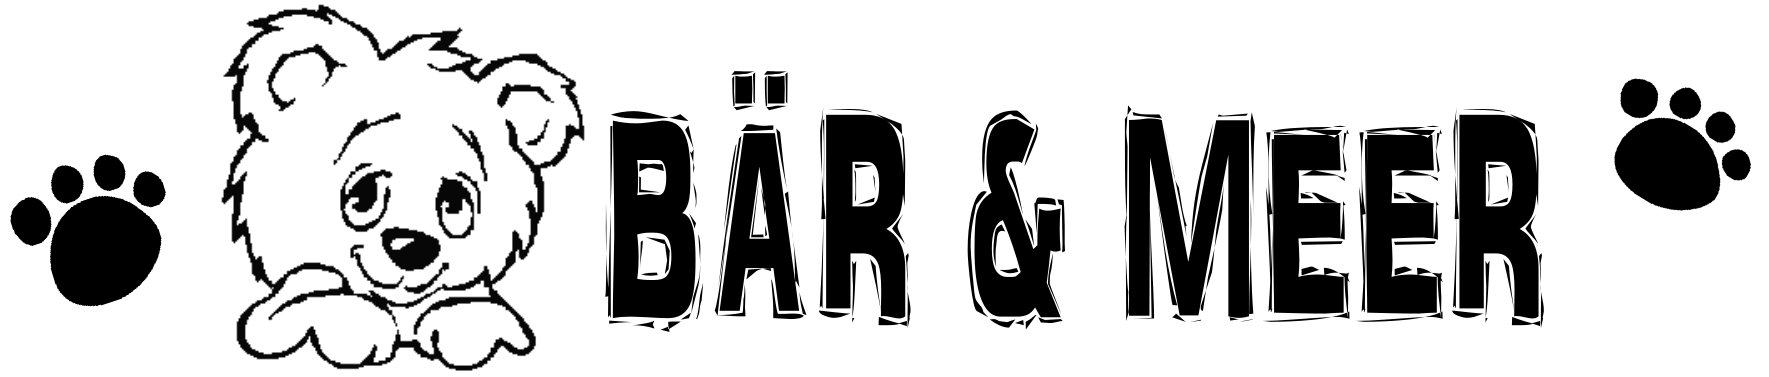 Bär und Meer-Logo